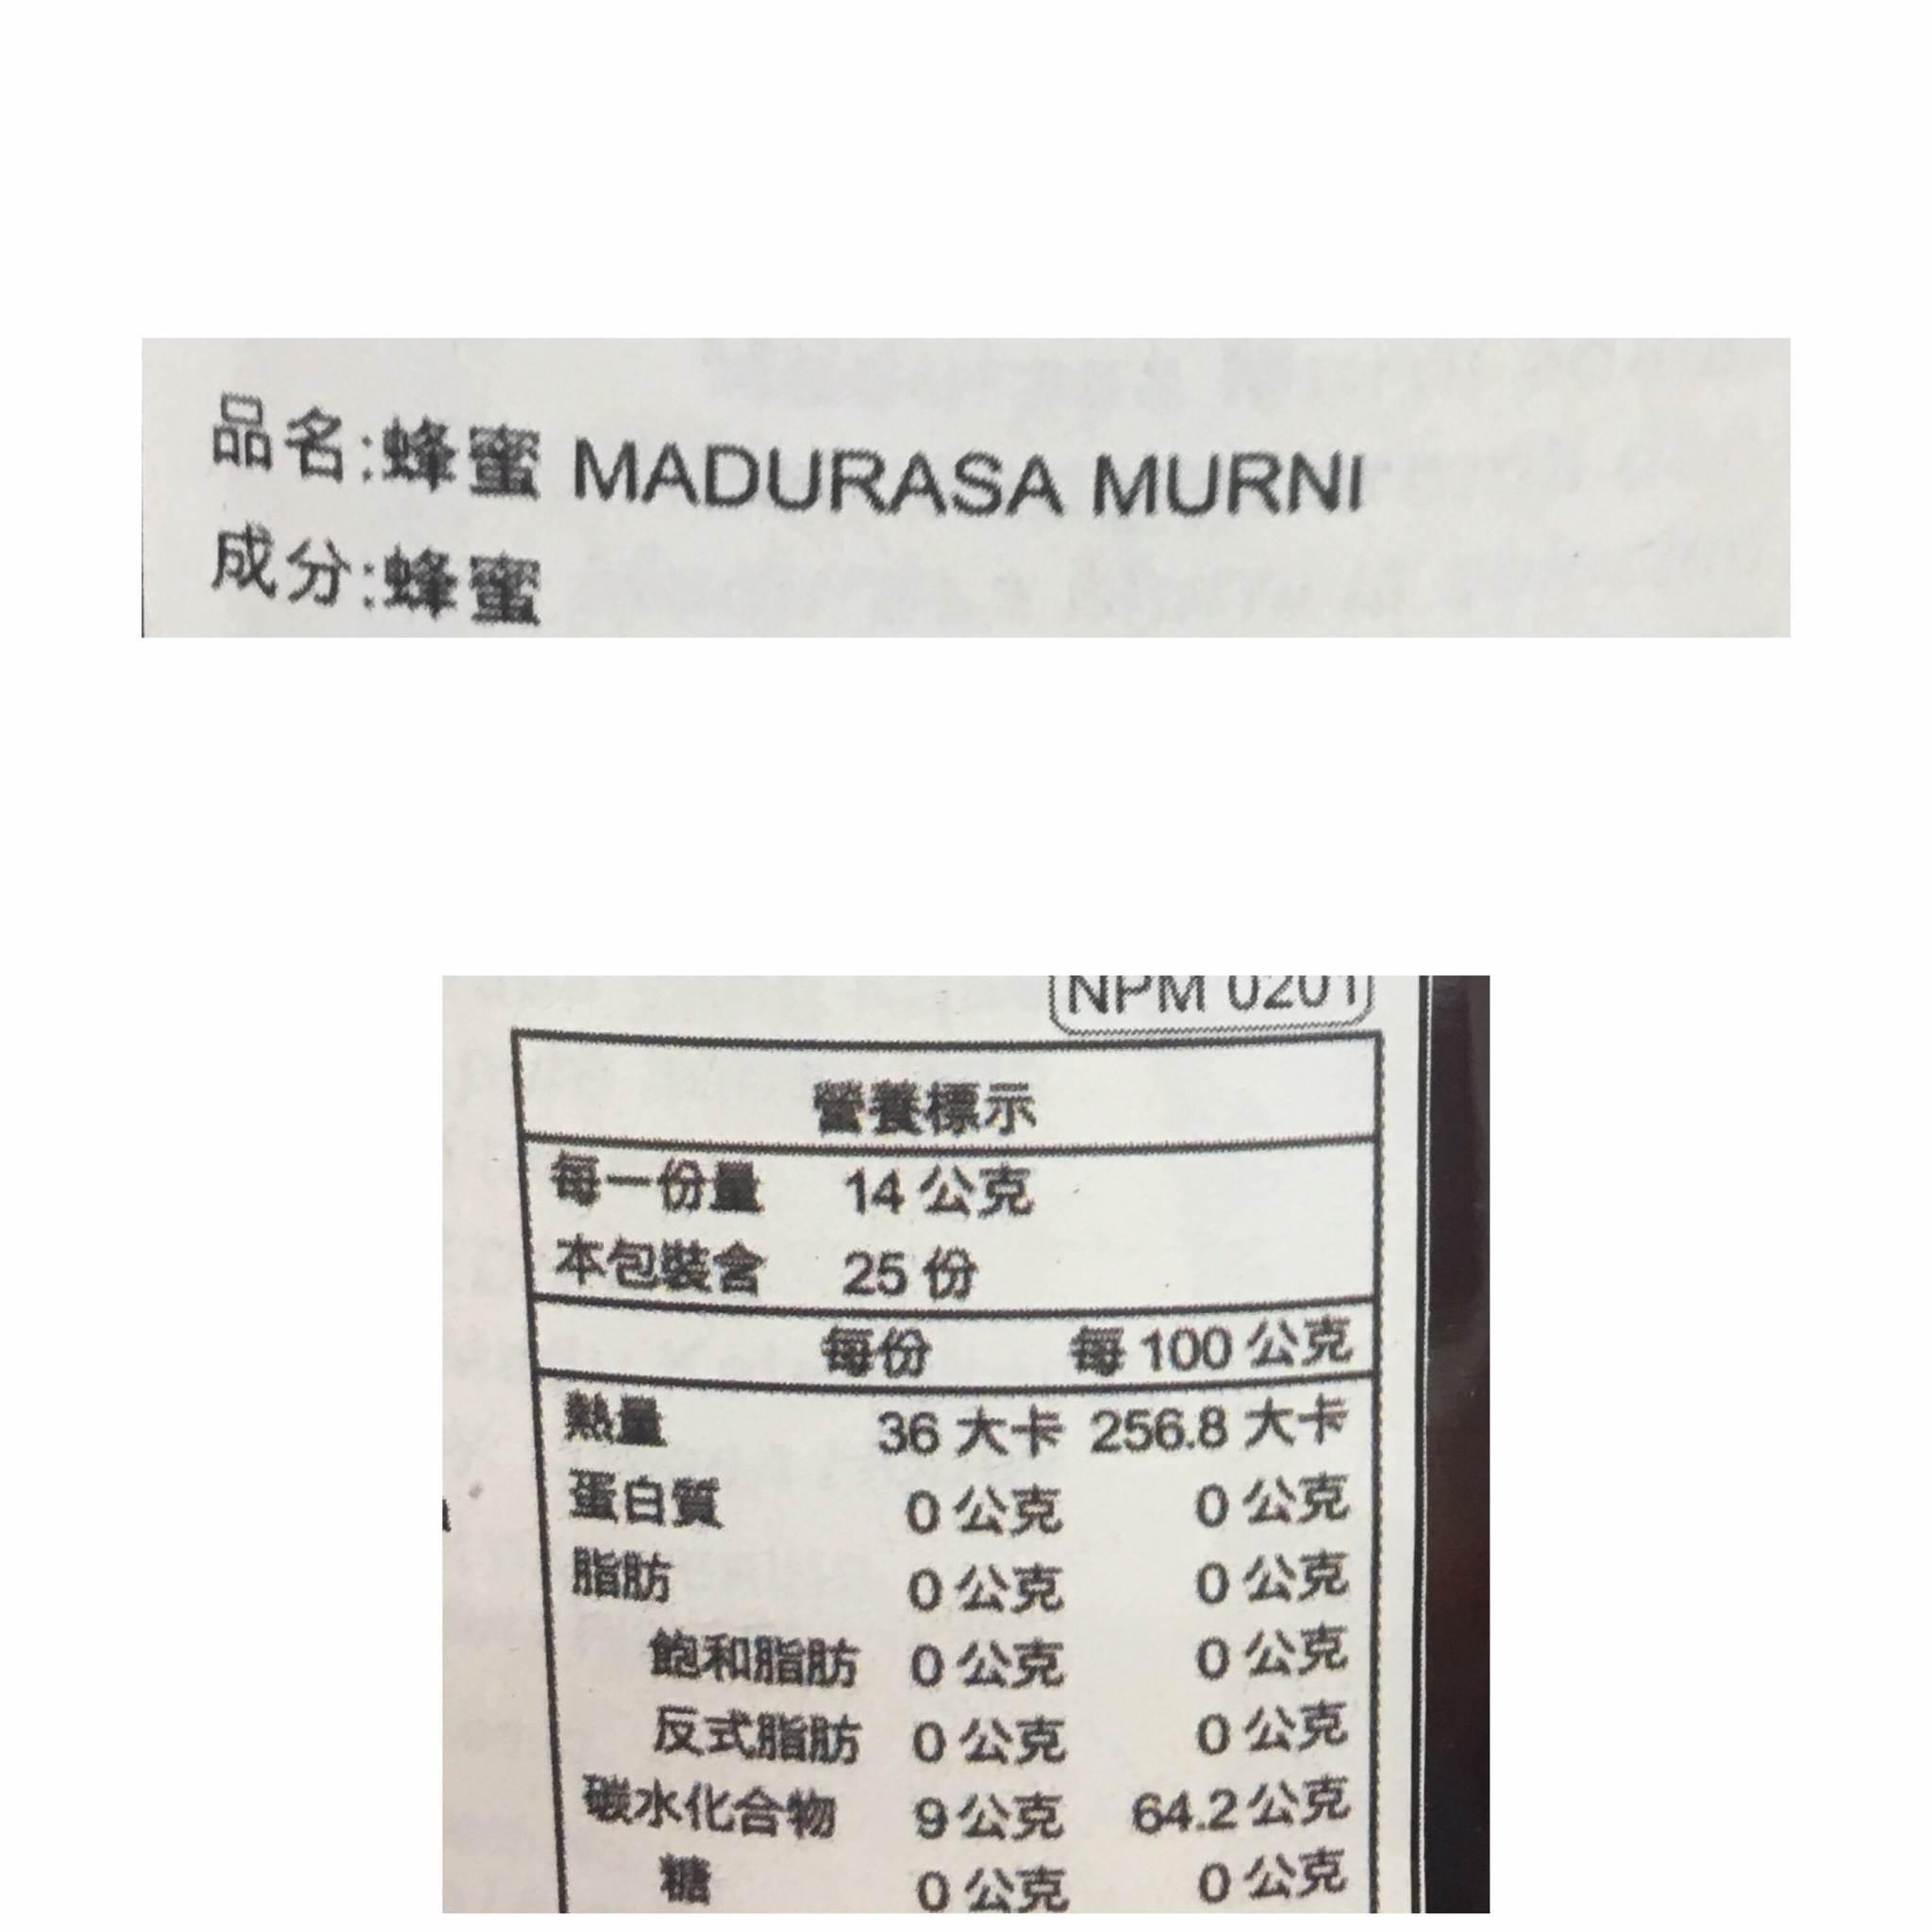 {泰菲印越} 印尼madurasa 蜂蜜 150克